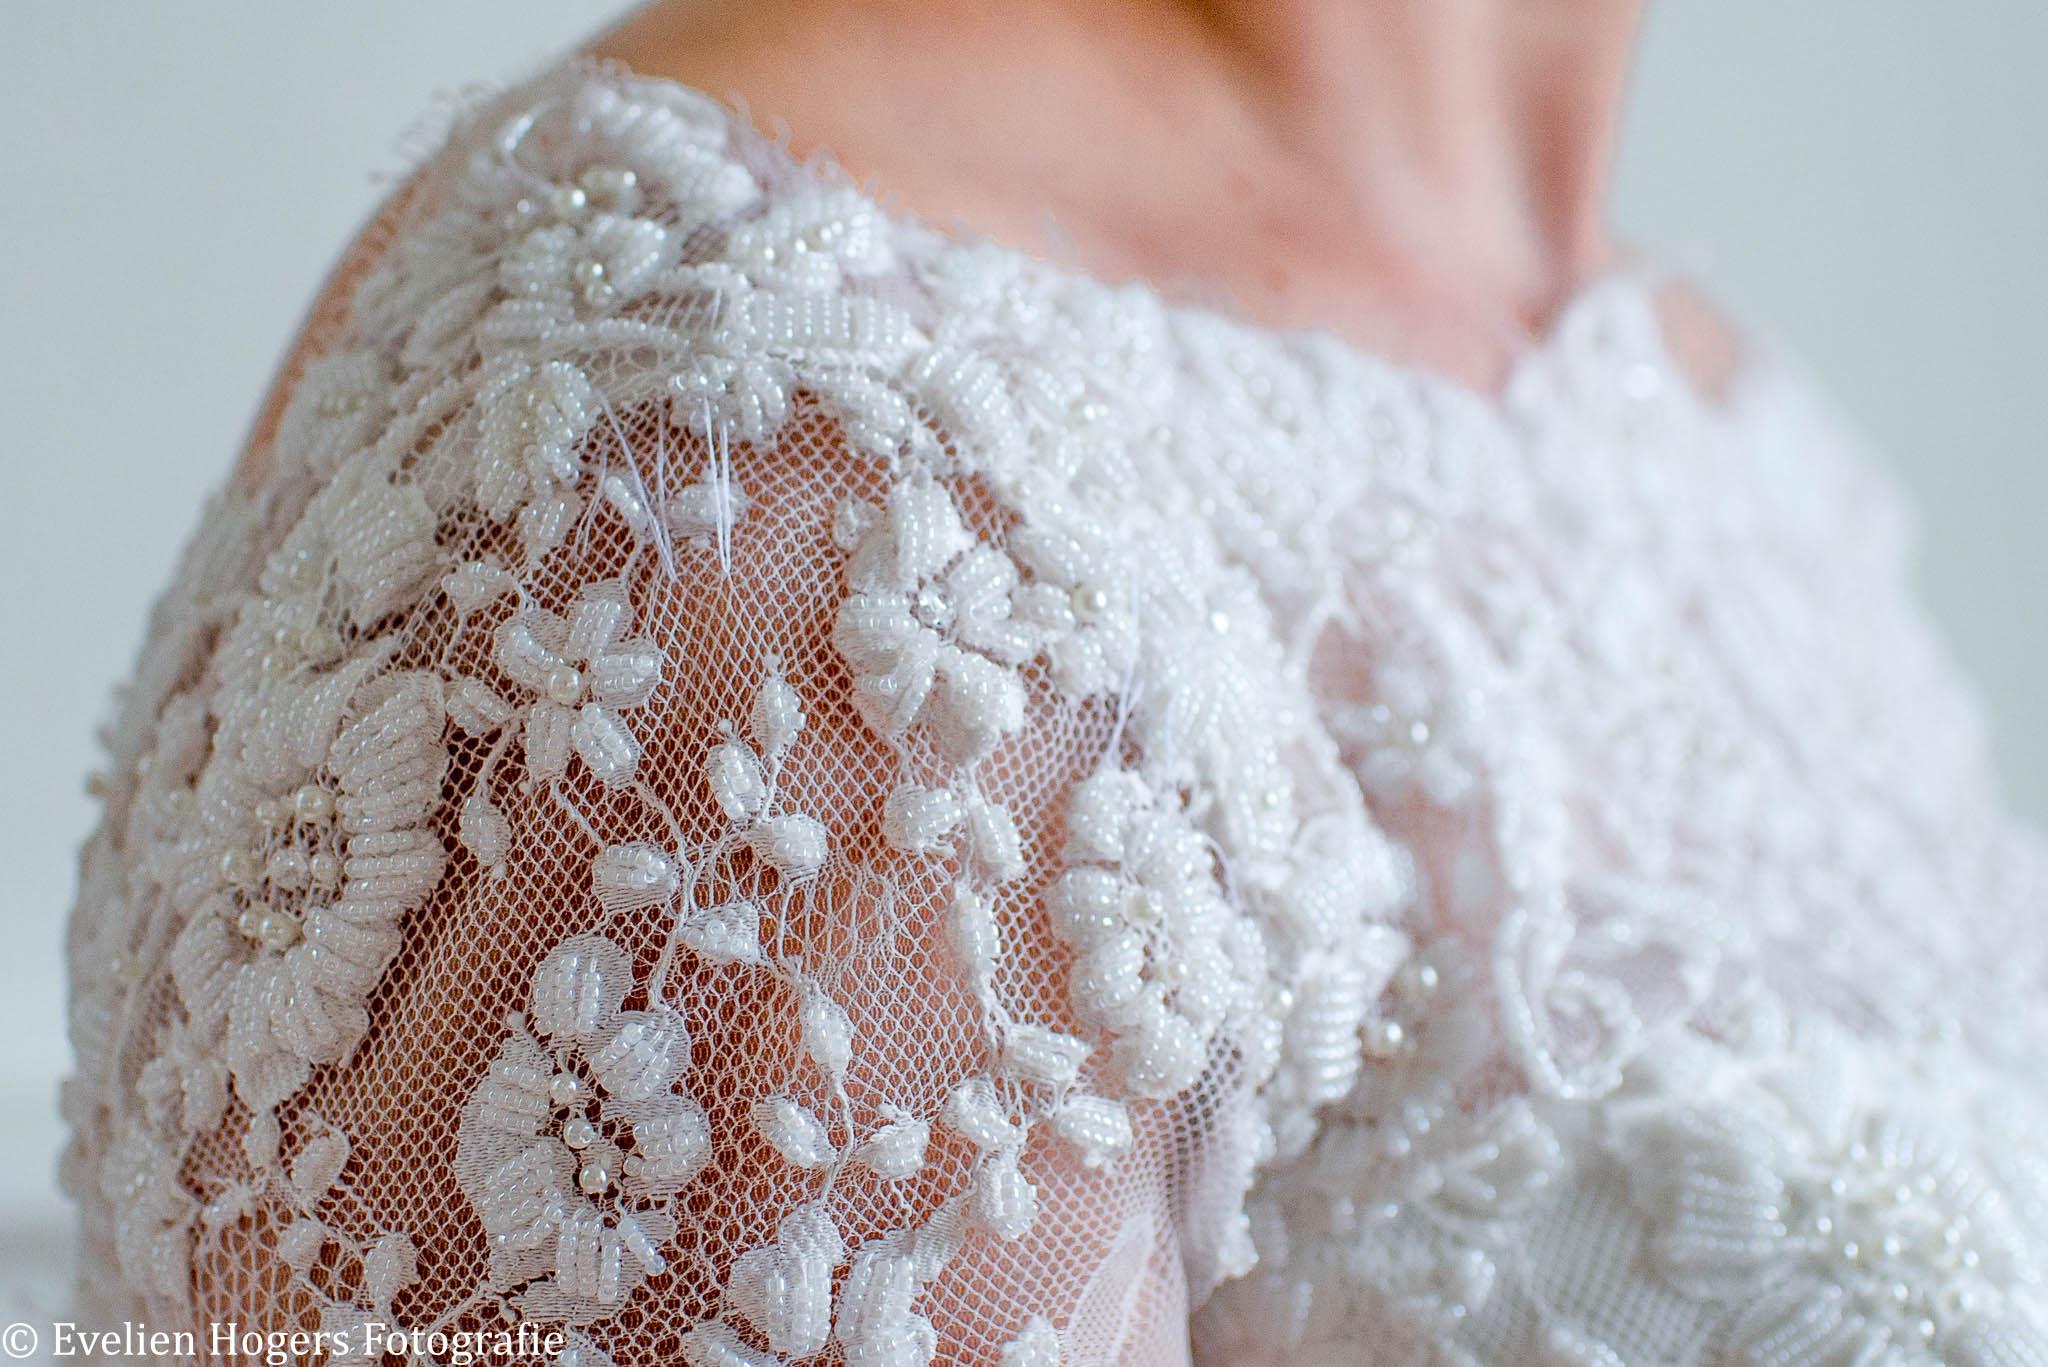 Estate_wedding_Metwatermerk-64.jpg